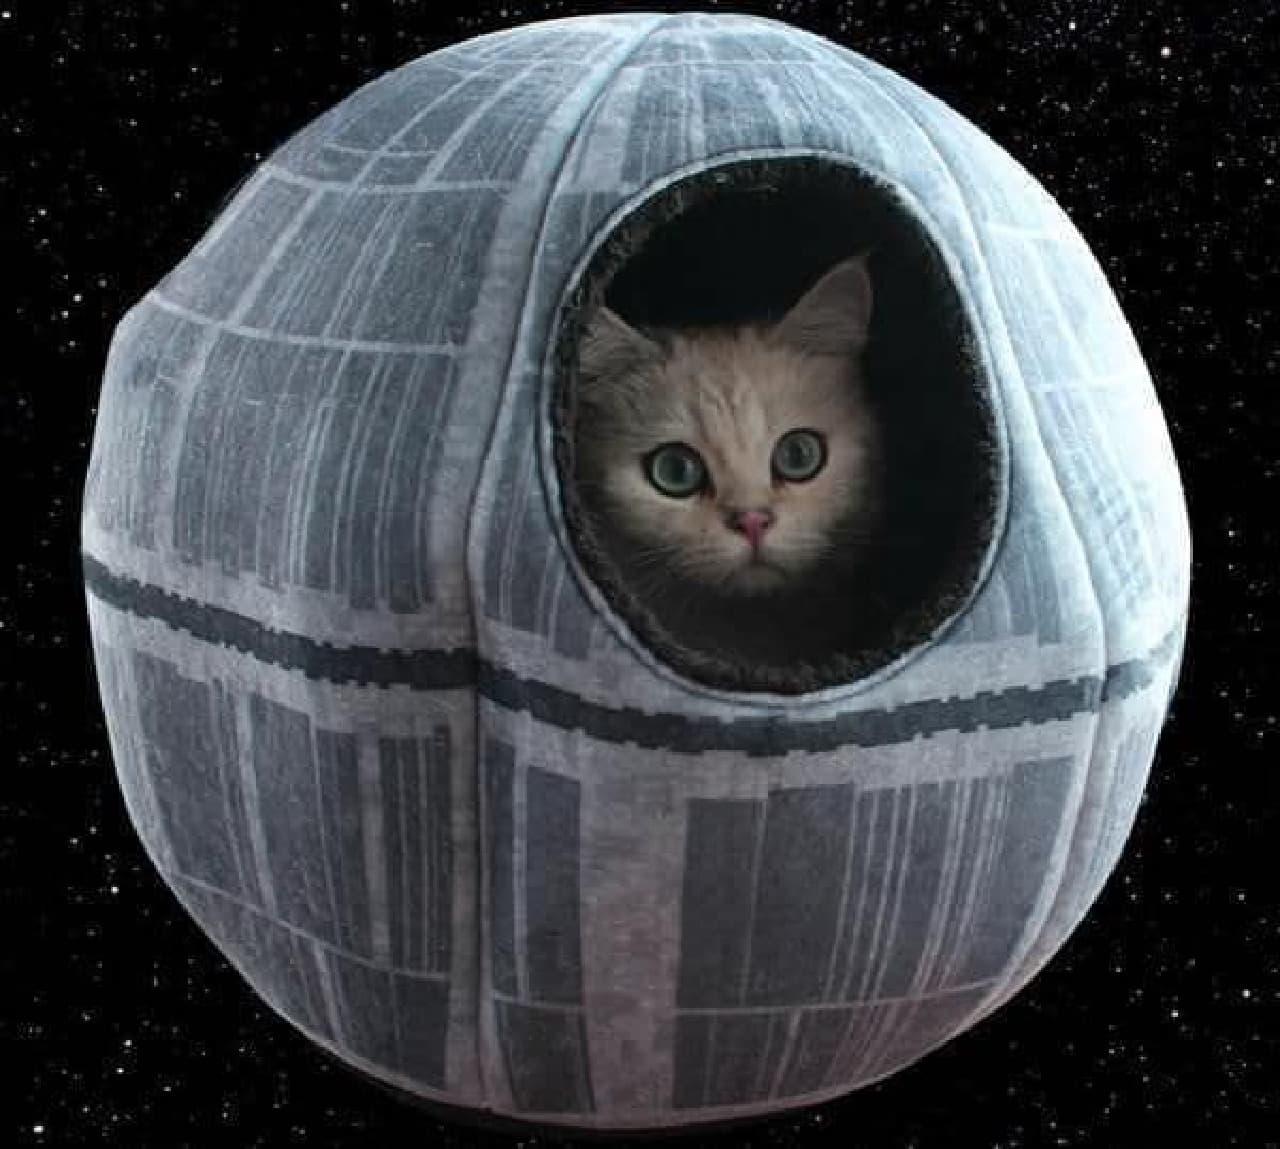 「デス・スター」を模したキャットハウス「Star Wars Death Star Pet Cave」